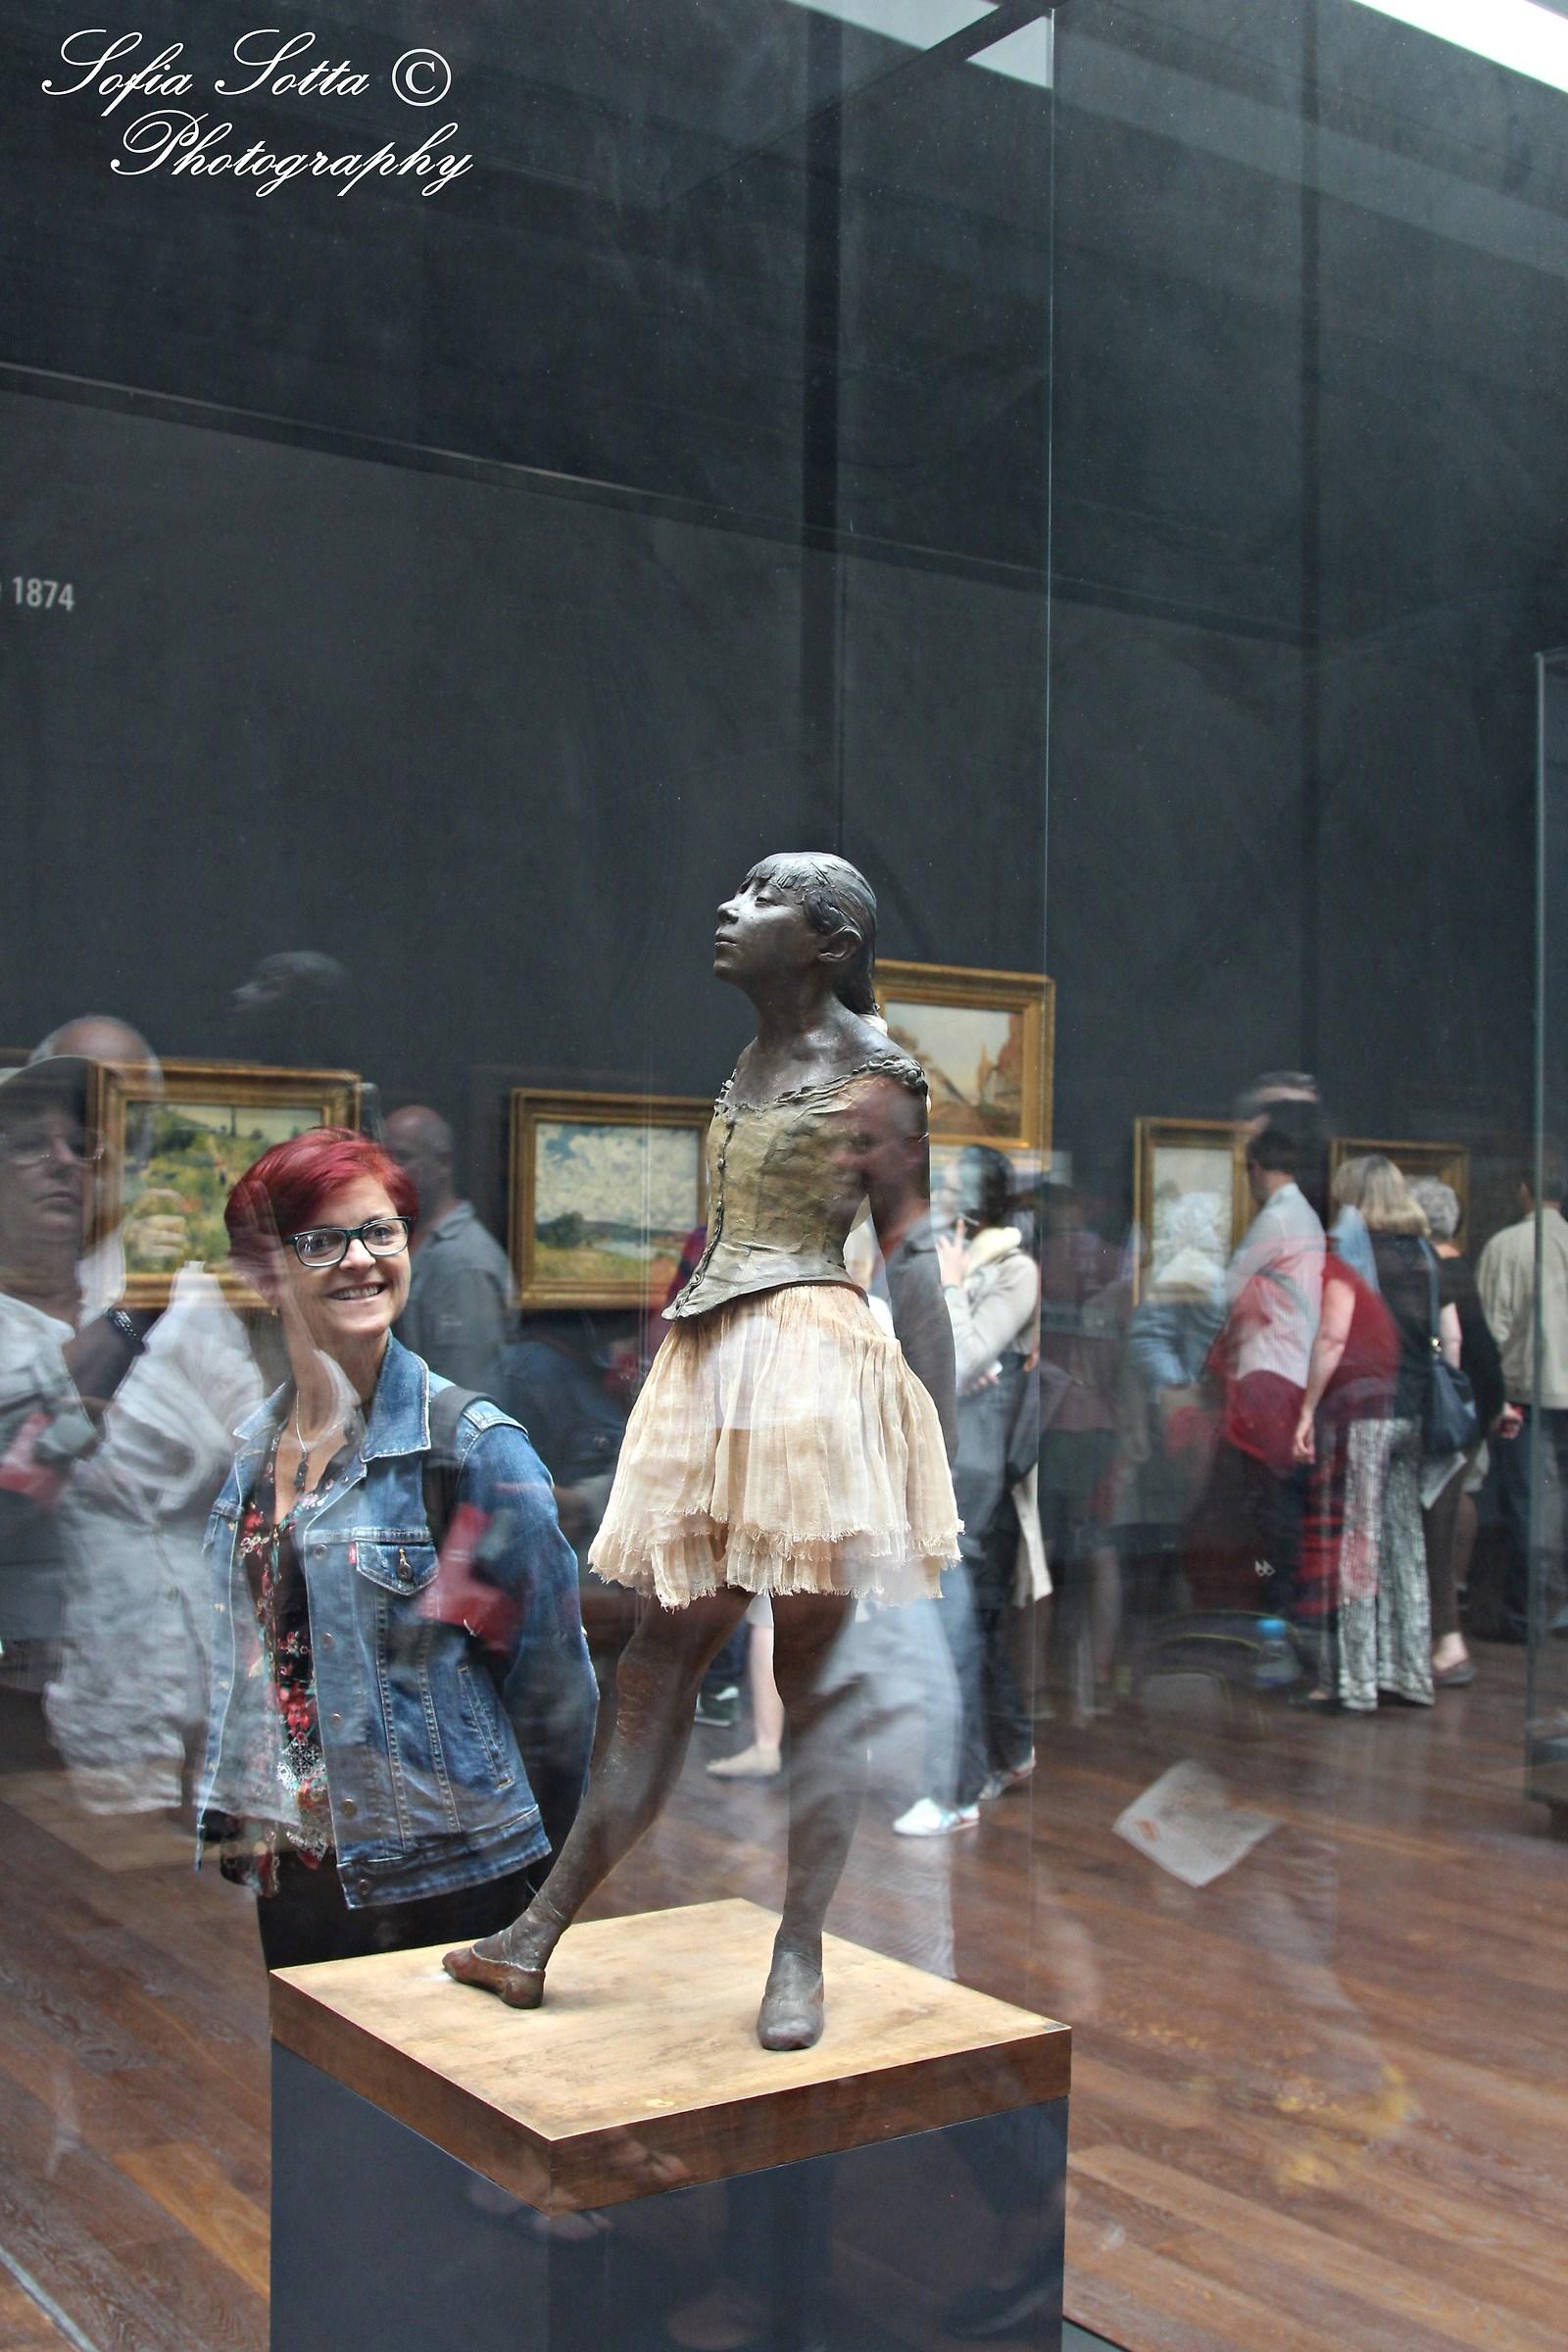 Petite danseuse de quatorze ans with lady...